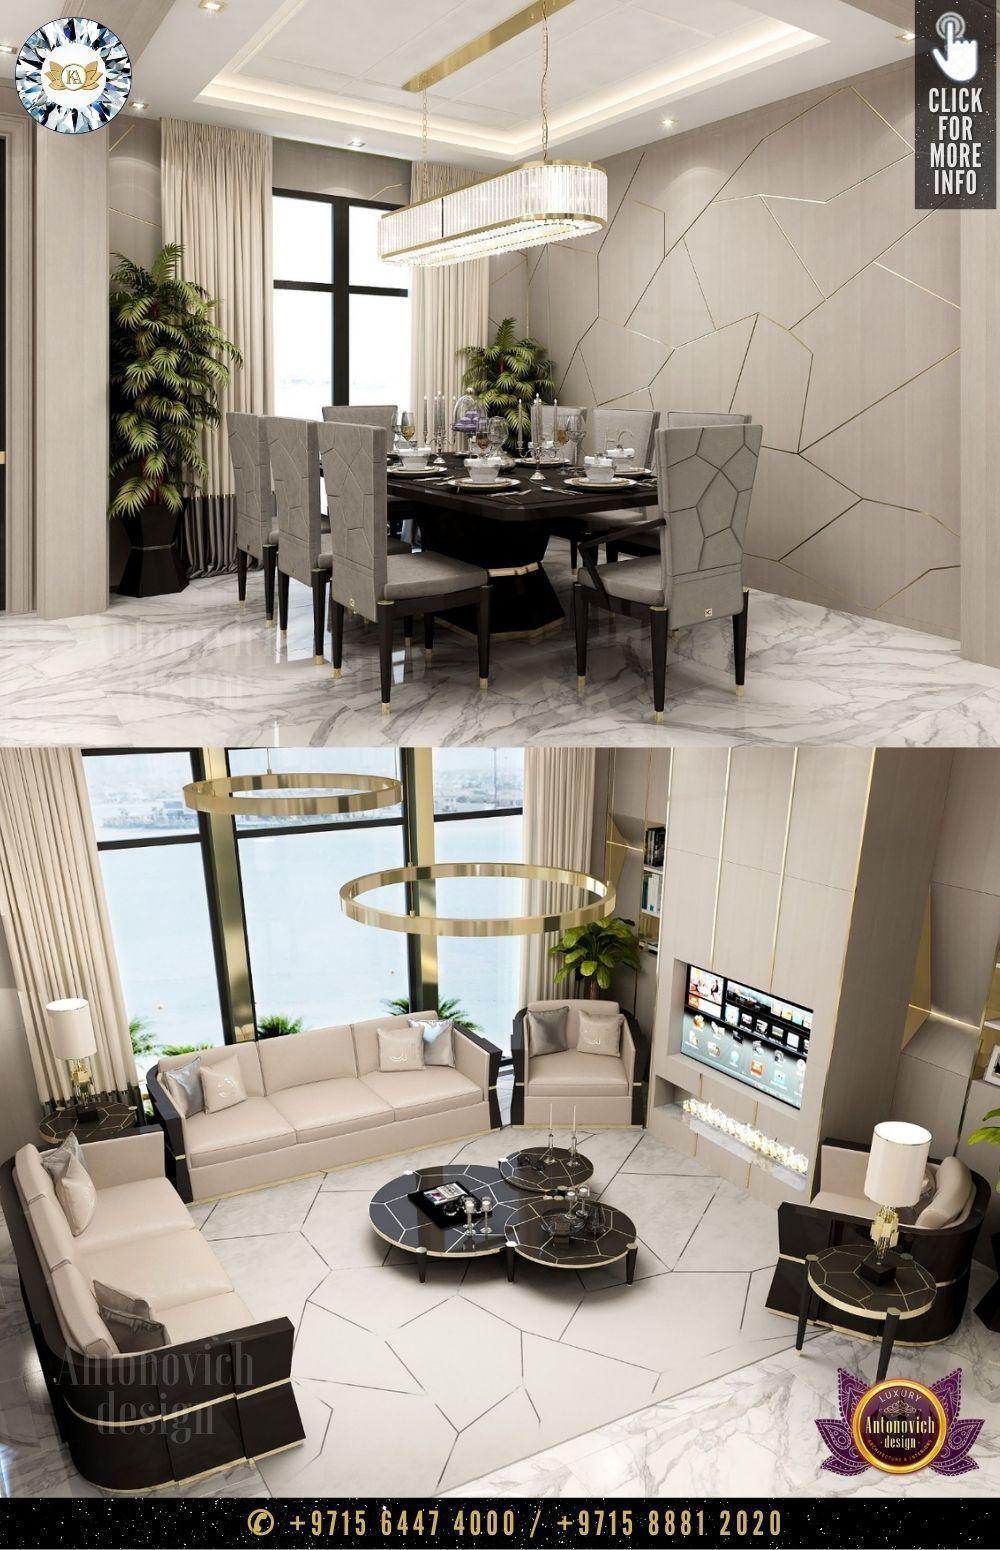 Dining Room And Living Room Best Interior Design Homes Dubai أفضل منازل التصميم الداخلي في دب In 2020 Dinning Room Design Dinning Room Decor Beautiful Living Rooms